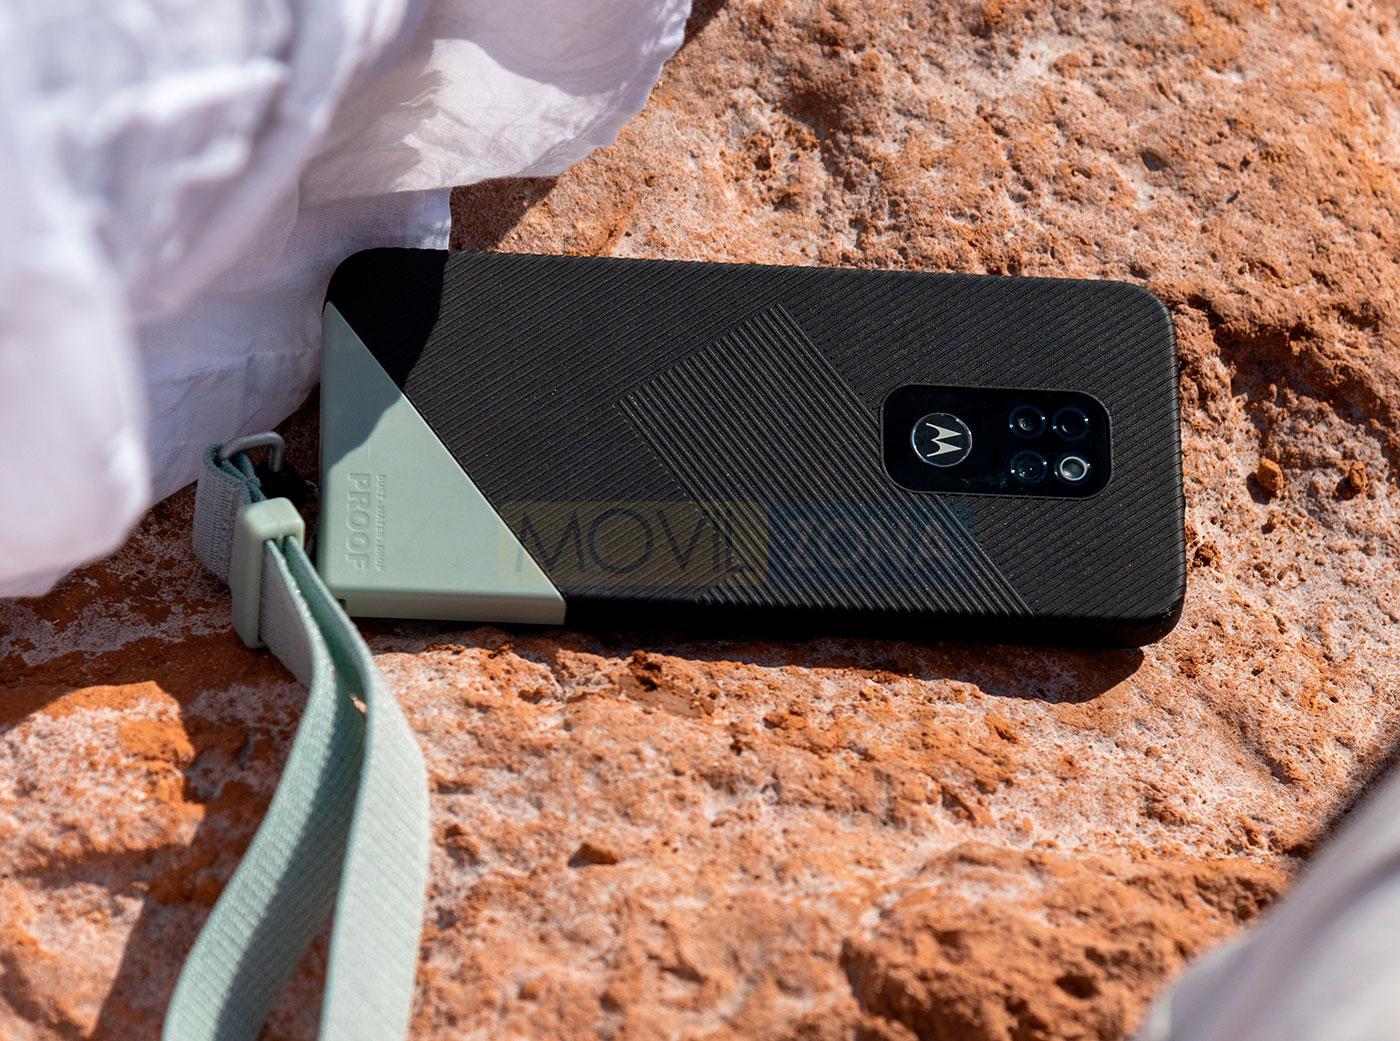 Motorola Defy en suelo